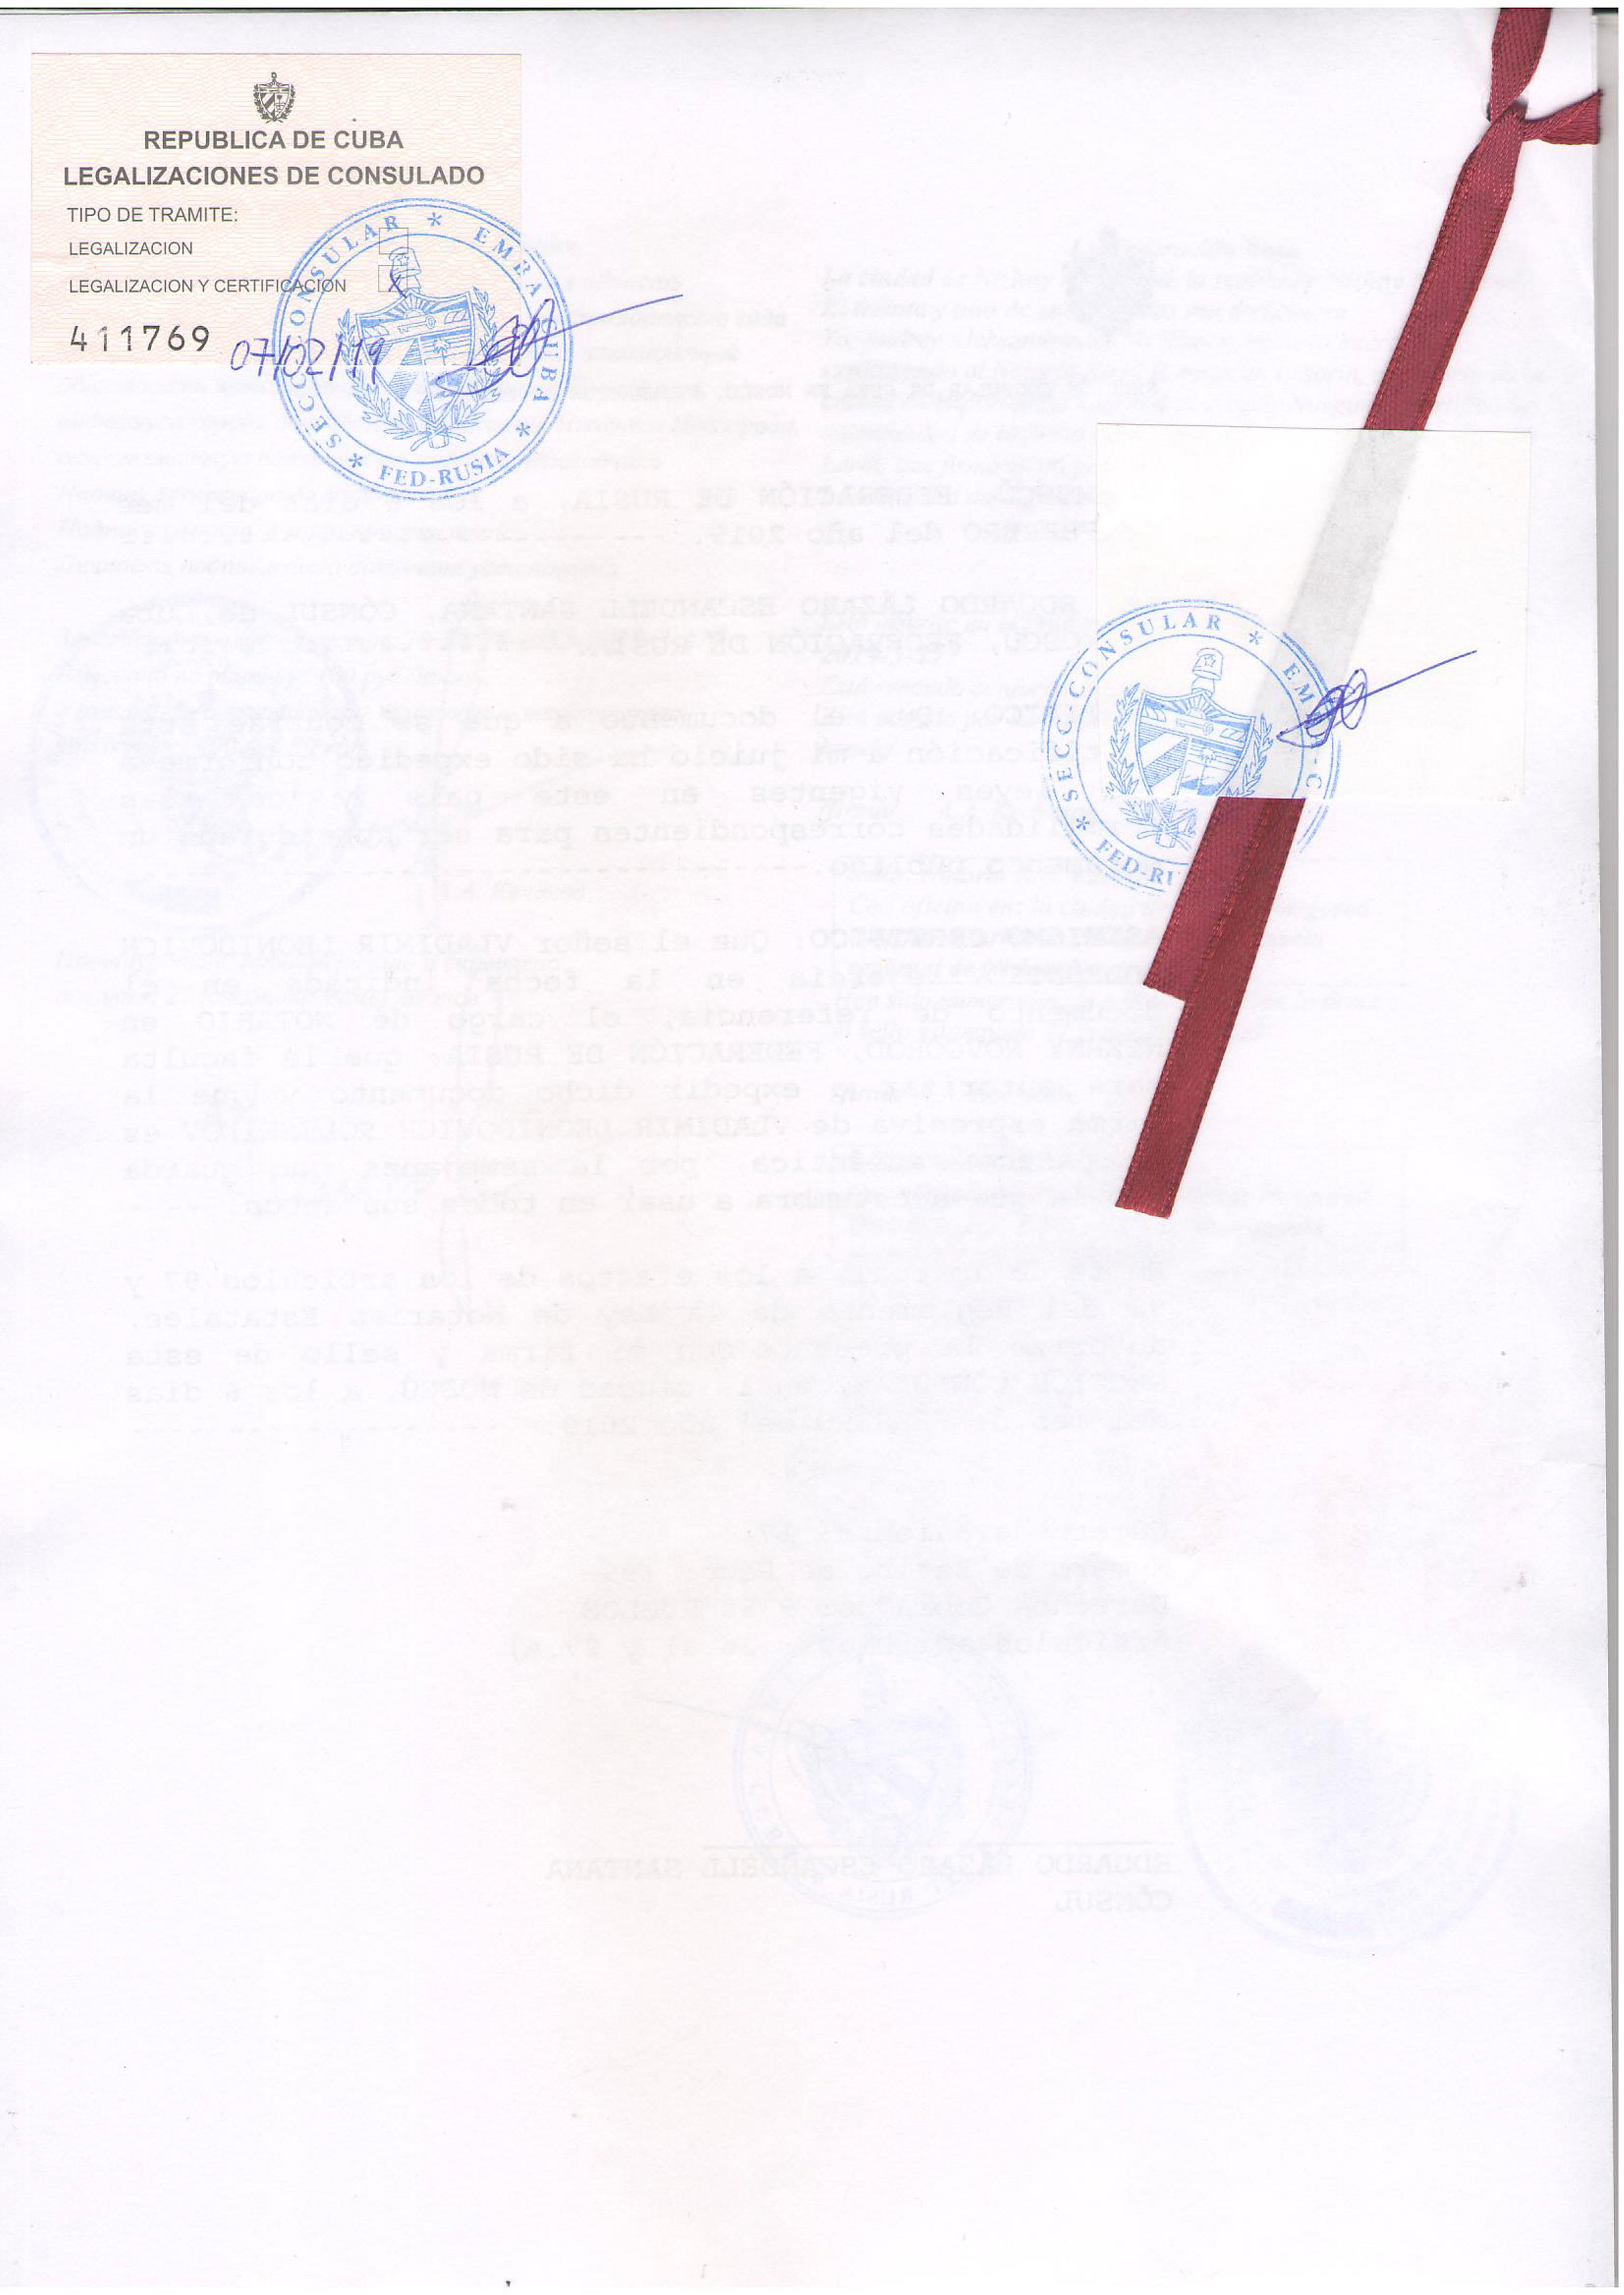 Образец легализации коммерческого документа для Кубы